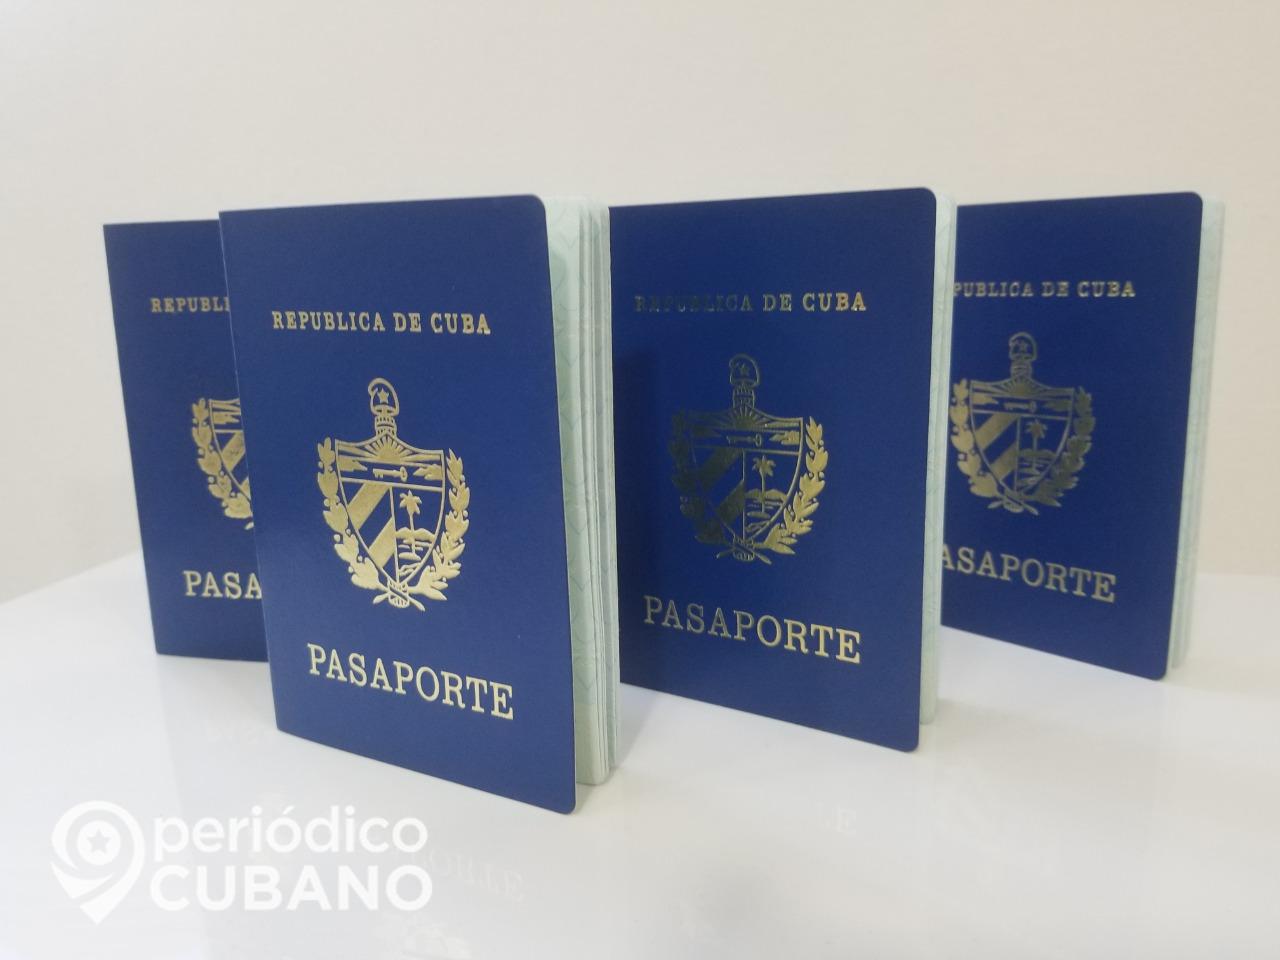 Otaola informa que el gobierno cubano rebajará el precio del pasaporte